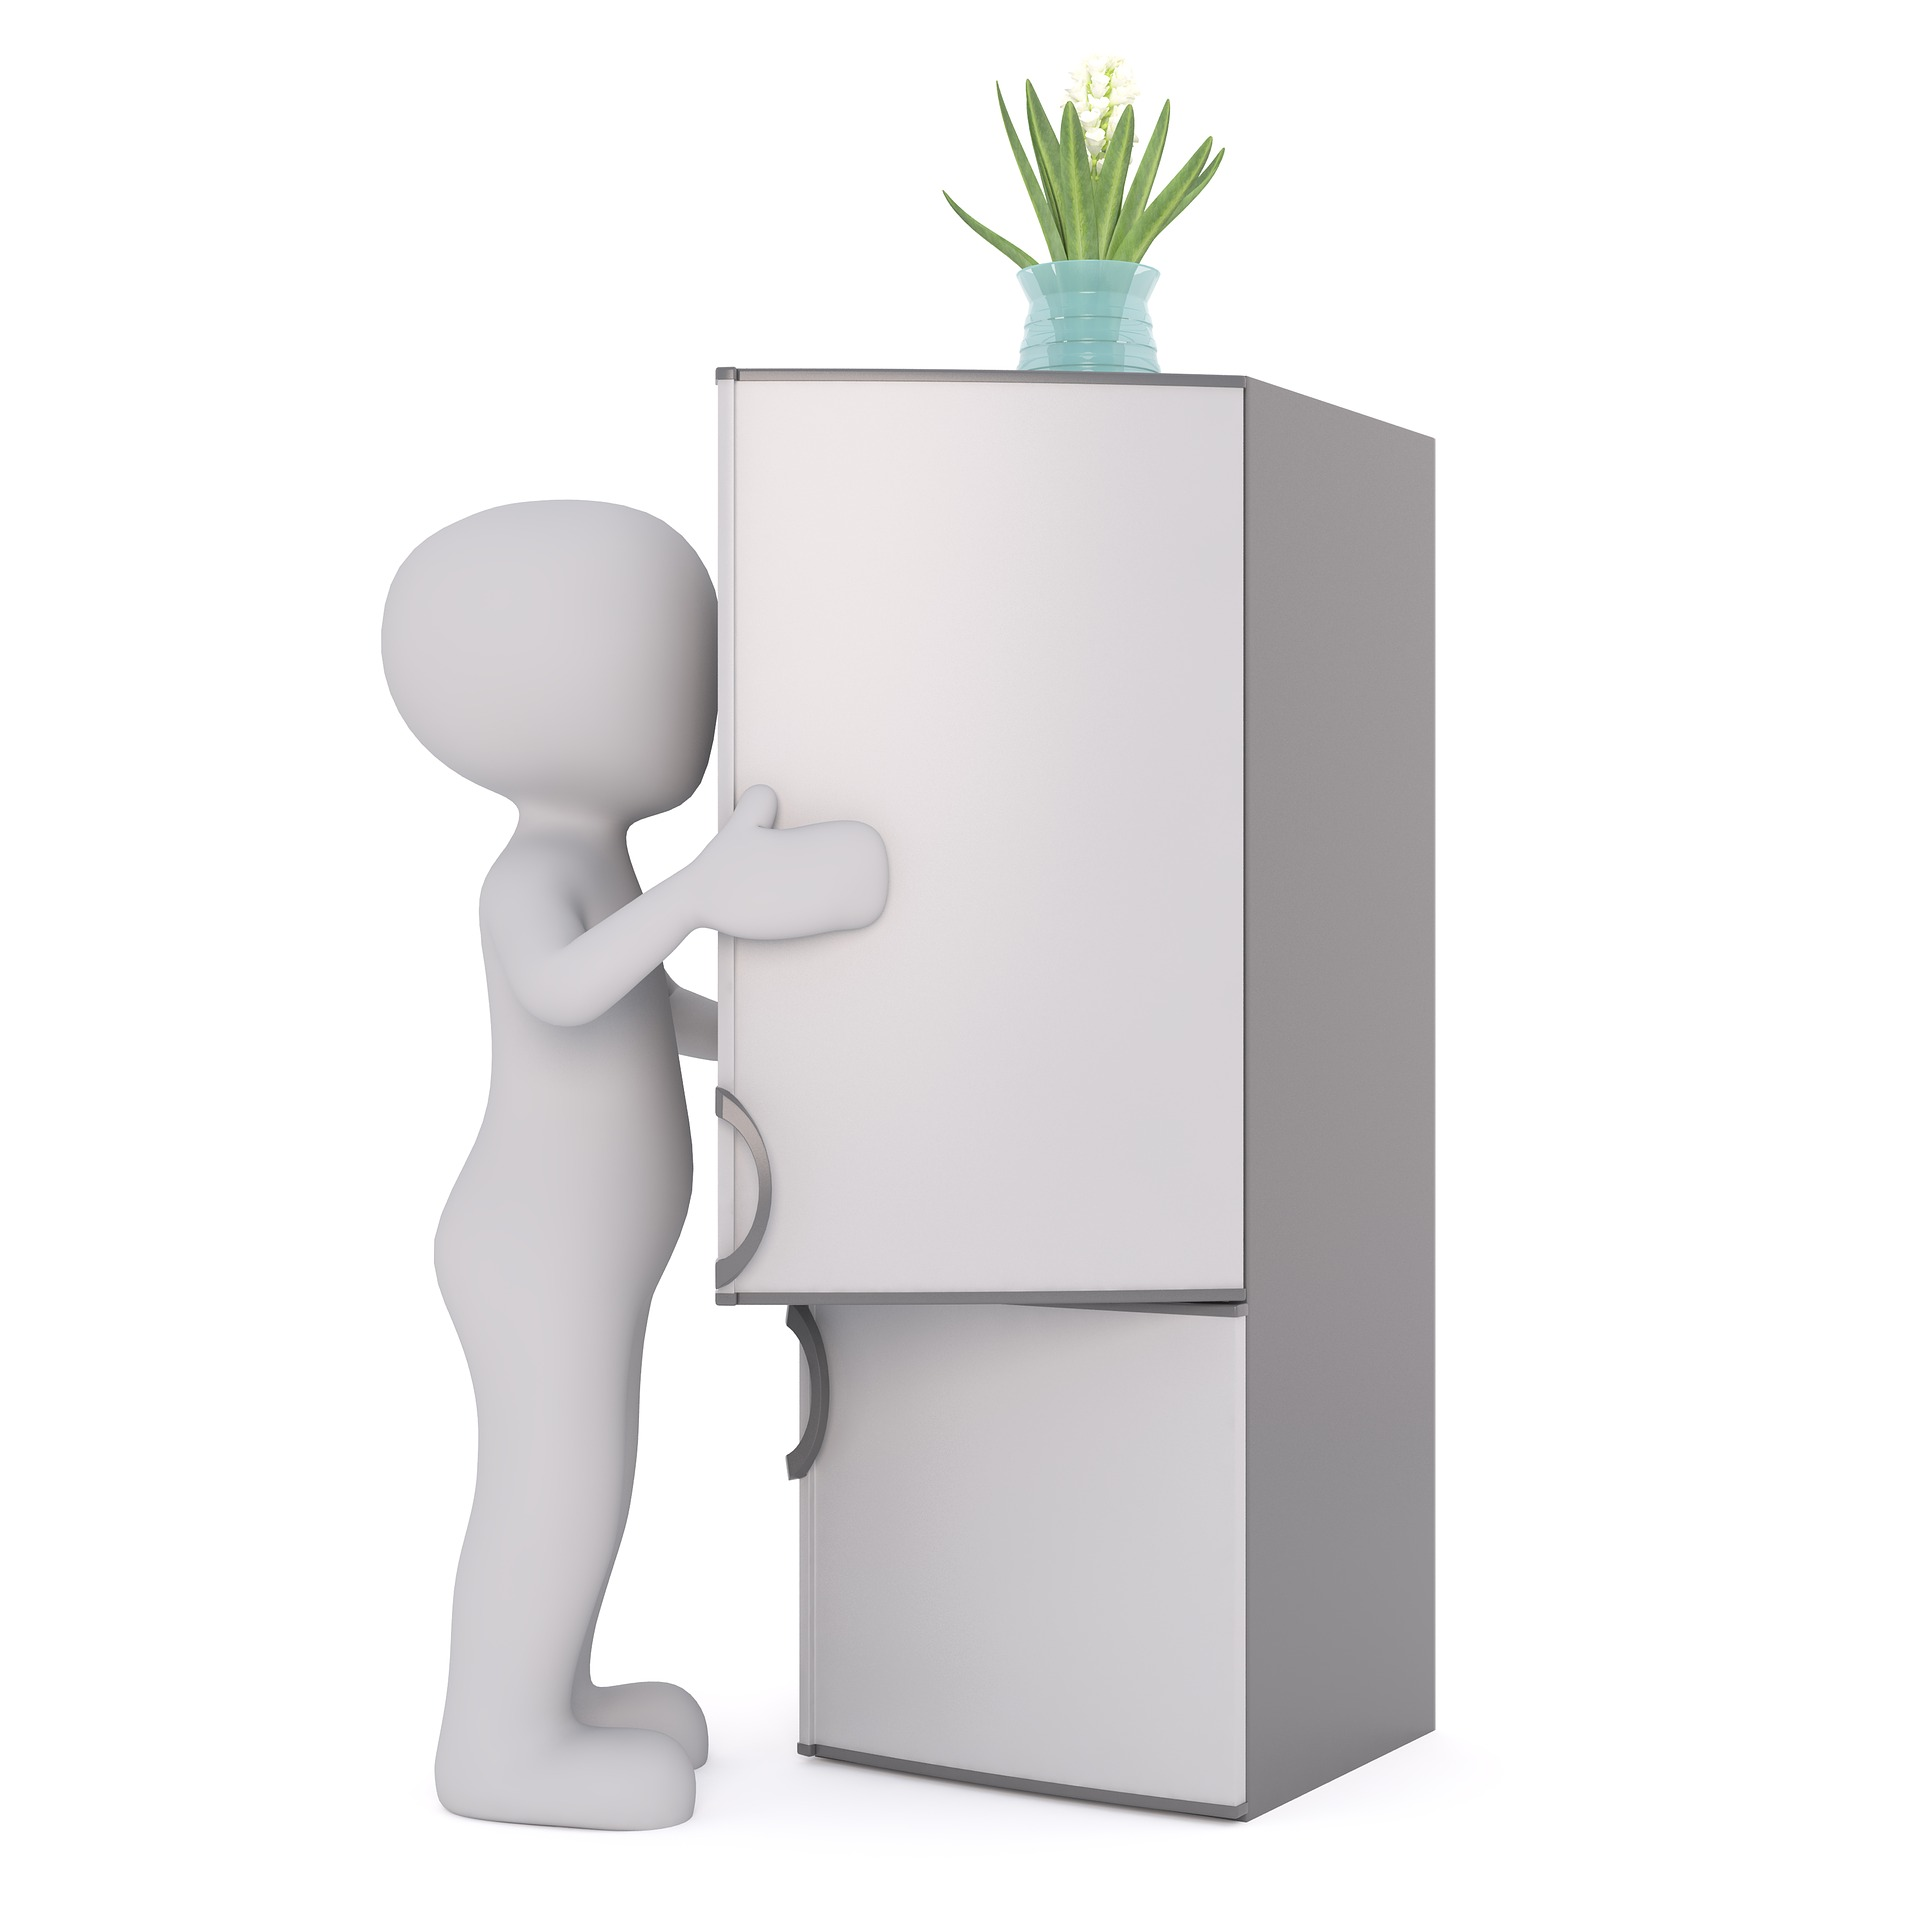 冷蔵庫にアイコスを入れて冷やす